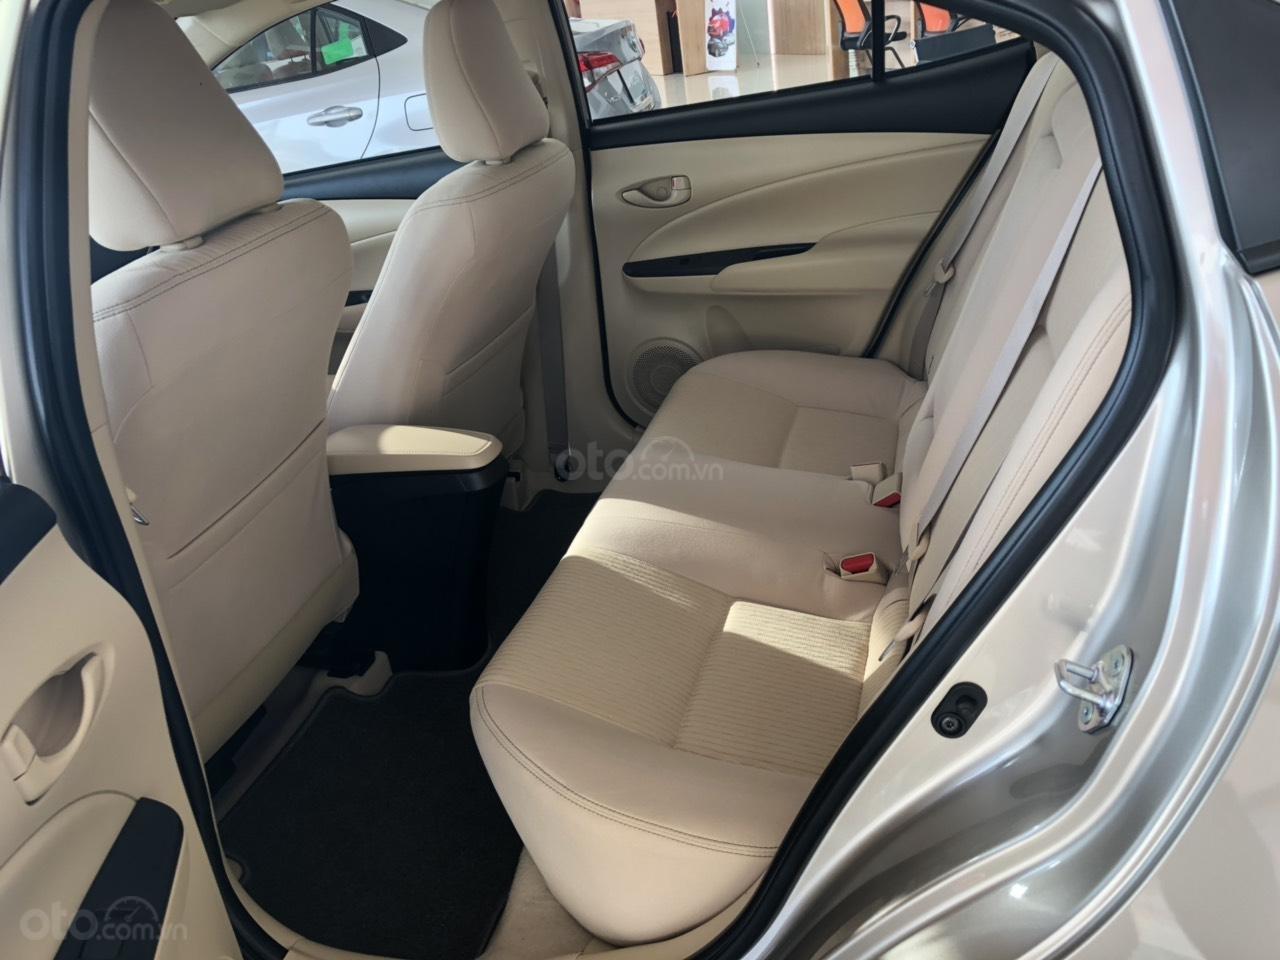 Bán Toyota Vios 1.5E số sàn, màu nâu vàng, hỗ trợ vay 90%, đăng ký Grab, thanh toán 130tr nhận xe - Toyota An Thành-2